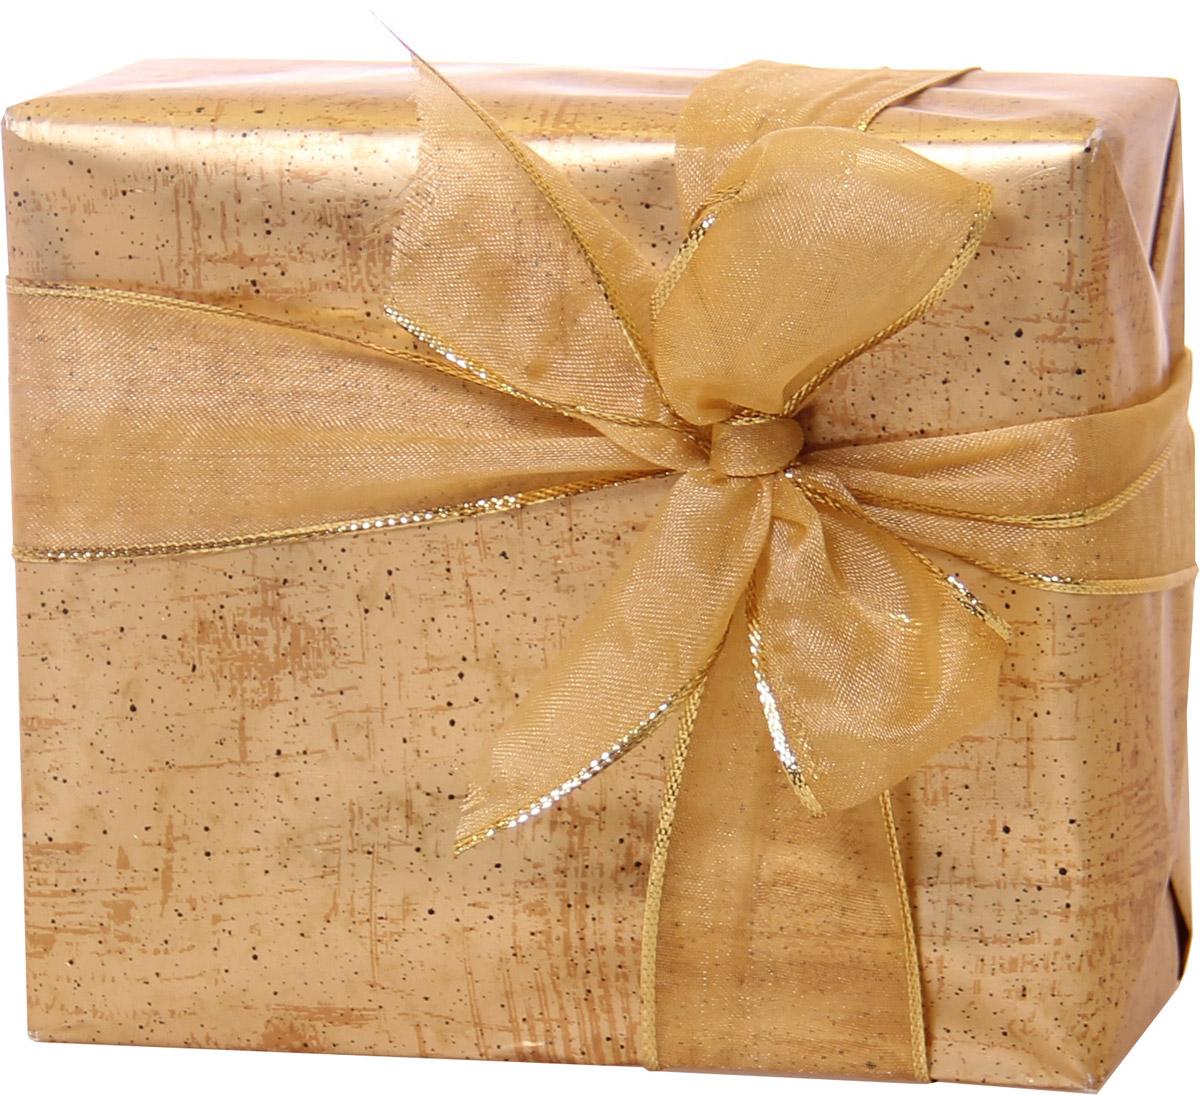 Bouchard Ассорти Премиум Бельгийская Шоколадная коллекция, 185 г50580104Восхитительные бельгийские шоколадные конфеты BOUCHARD L'ESCAUT Ассорти Премиум произведут впечатление на самого разборчивого знатока шоколада. Конфеты Bouchard наполнены нежнейшим кремом с добавлением миндаля и фундука. Покрыты изысканным бельгийским шоколадом. Отличаются ароматом ванили и насыщенным вкусом с притягательной терпкостью. Бельгийцы - непревзойденные мастера в приготовлении шоколада - считают это лакомство лучшим подарком. Нежный, буквально тающий во рту, он доставит удовольствие всем любителям сладкого.